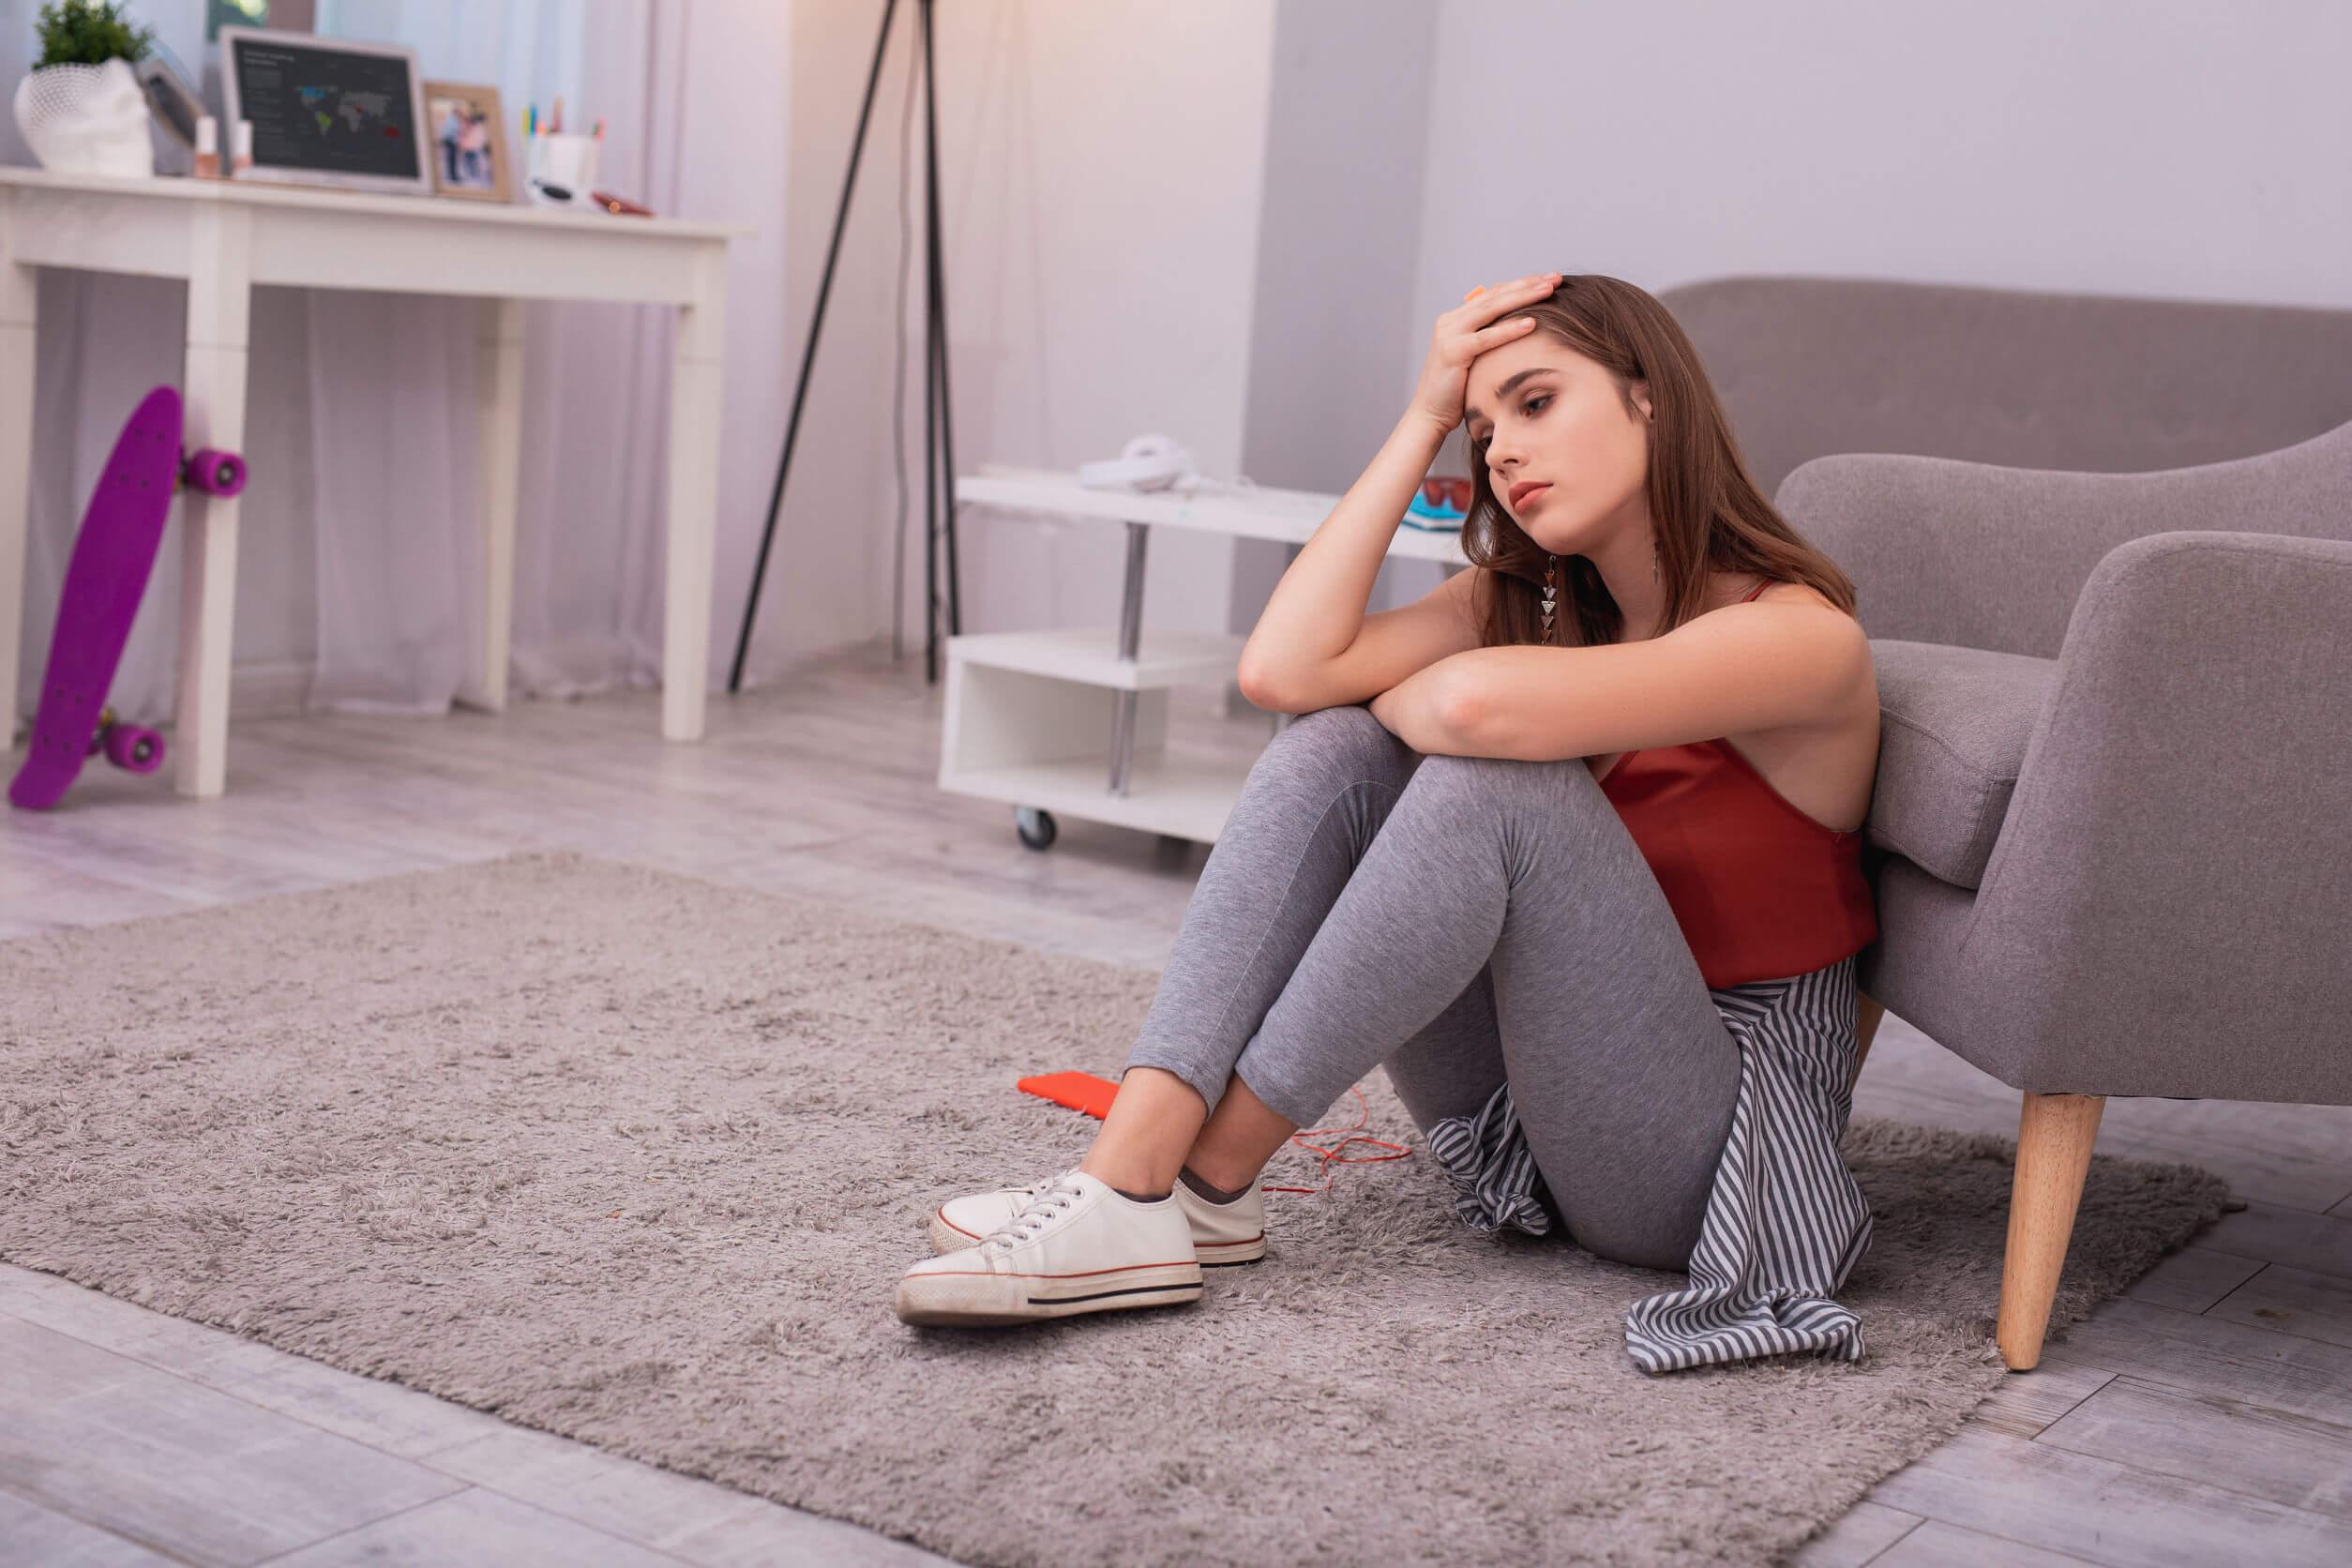 ¿Cómo puedo mejorar mi autoestima tras una separación?